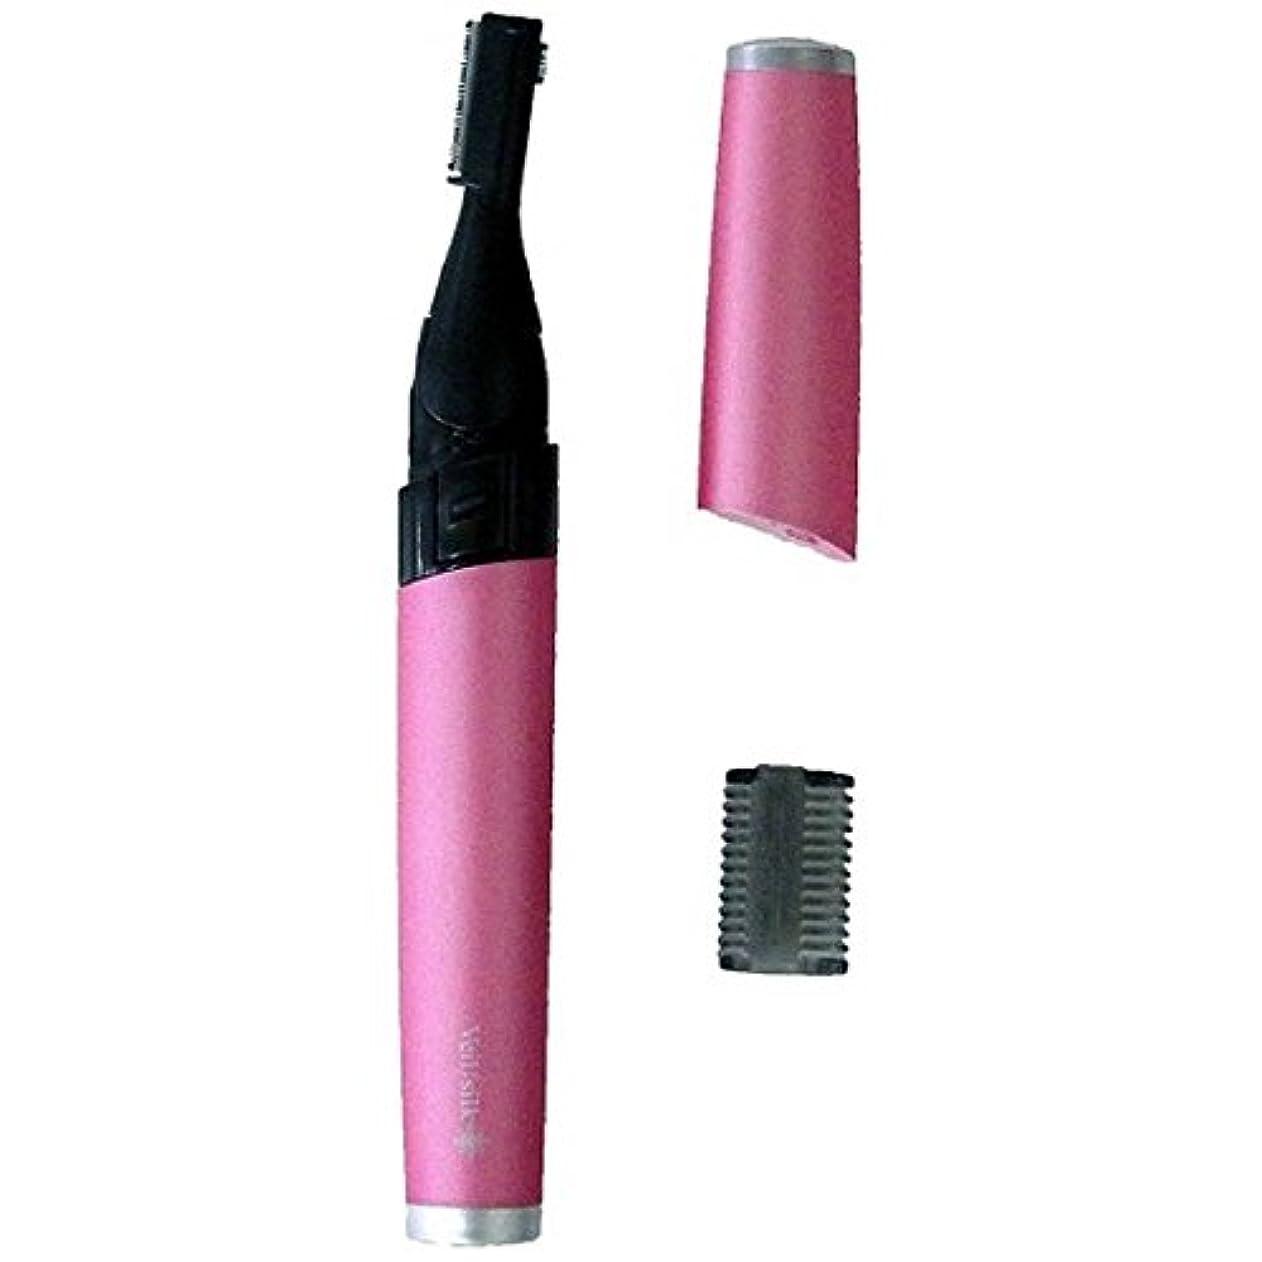 カウボーイ極端な厚くするイズミ フェイスシェーバー (ピンク)IZUMI Veil:silk(ヴェルシルク) GR-AF127-P